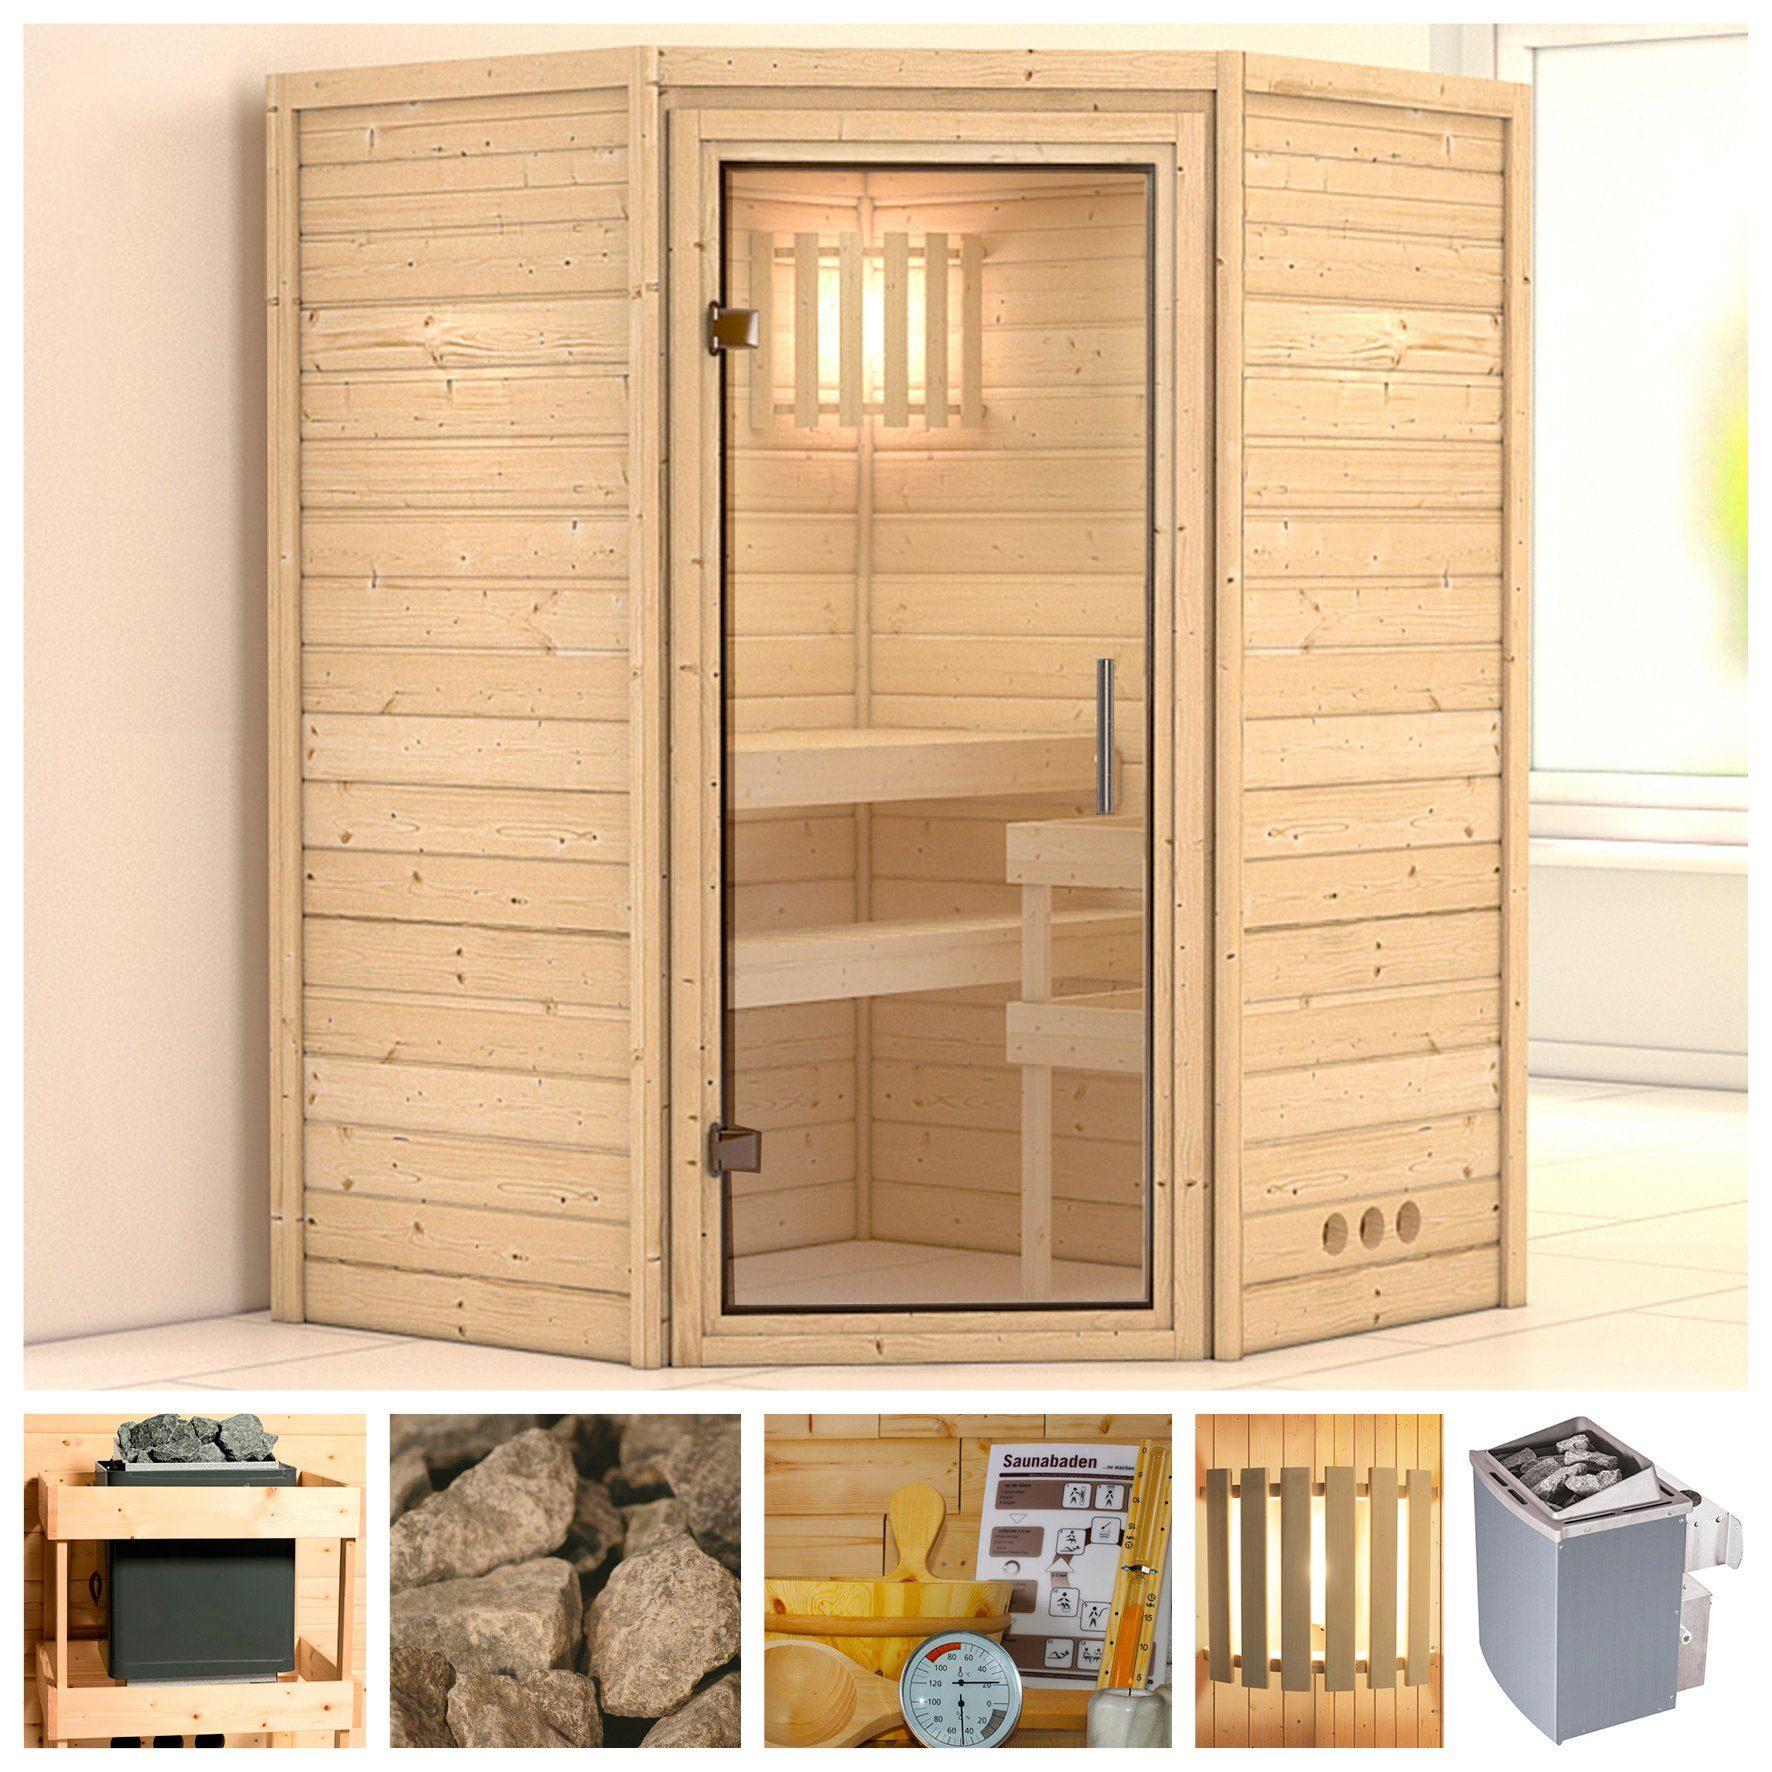 KONIFERA Sauna »Franka«, 144/144/200 cm, 9-kW-Ofen mit int. Steuerung, Glastür klar